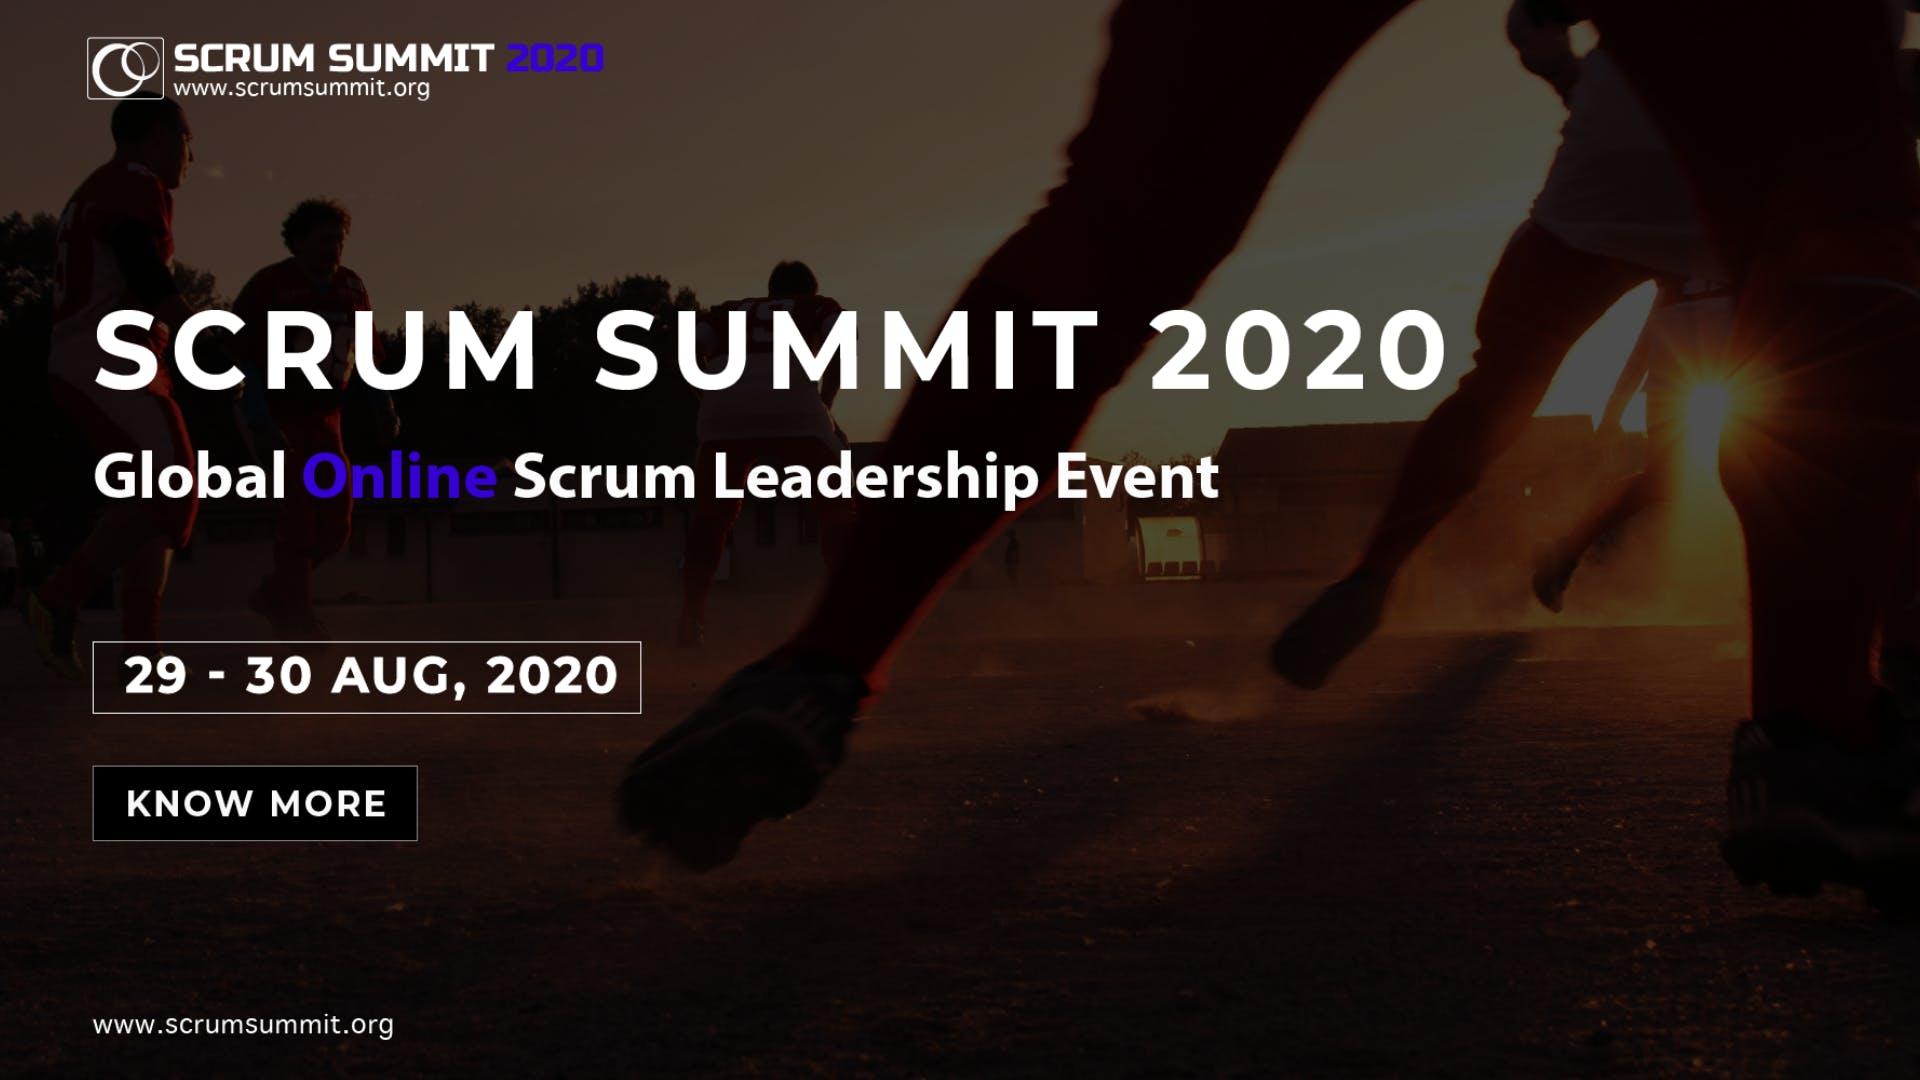 Scrum Summit 2020